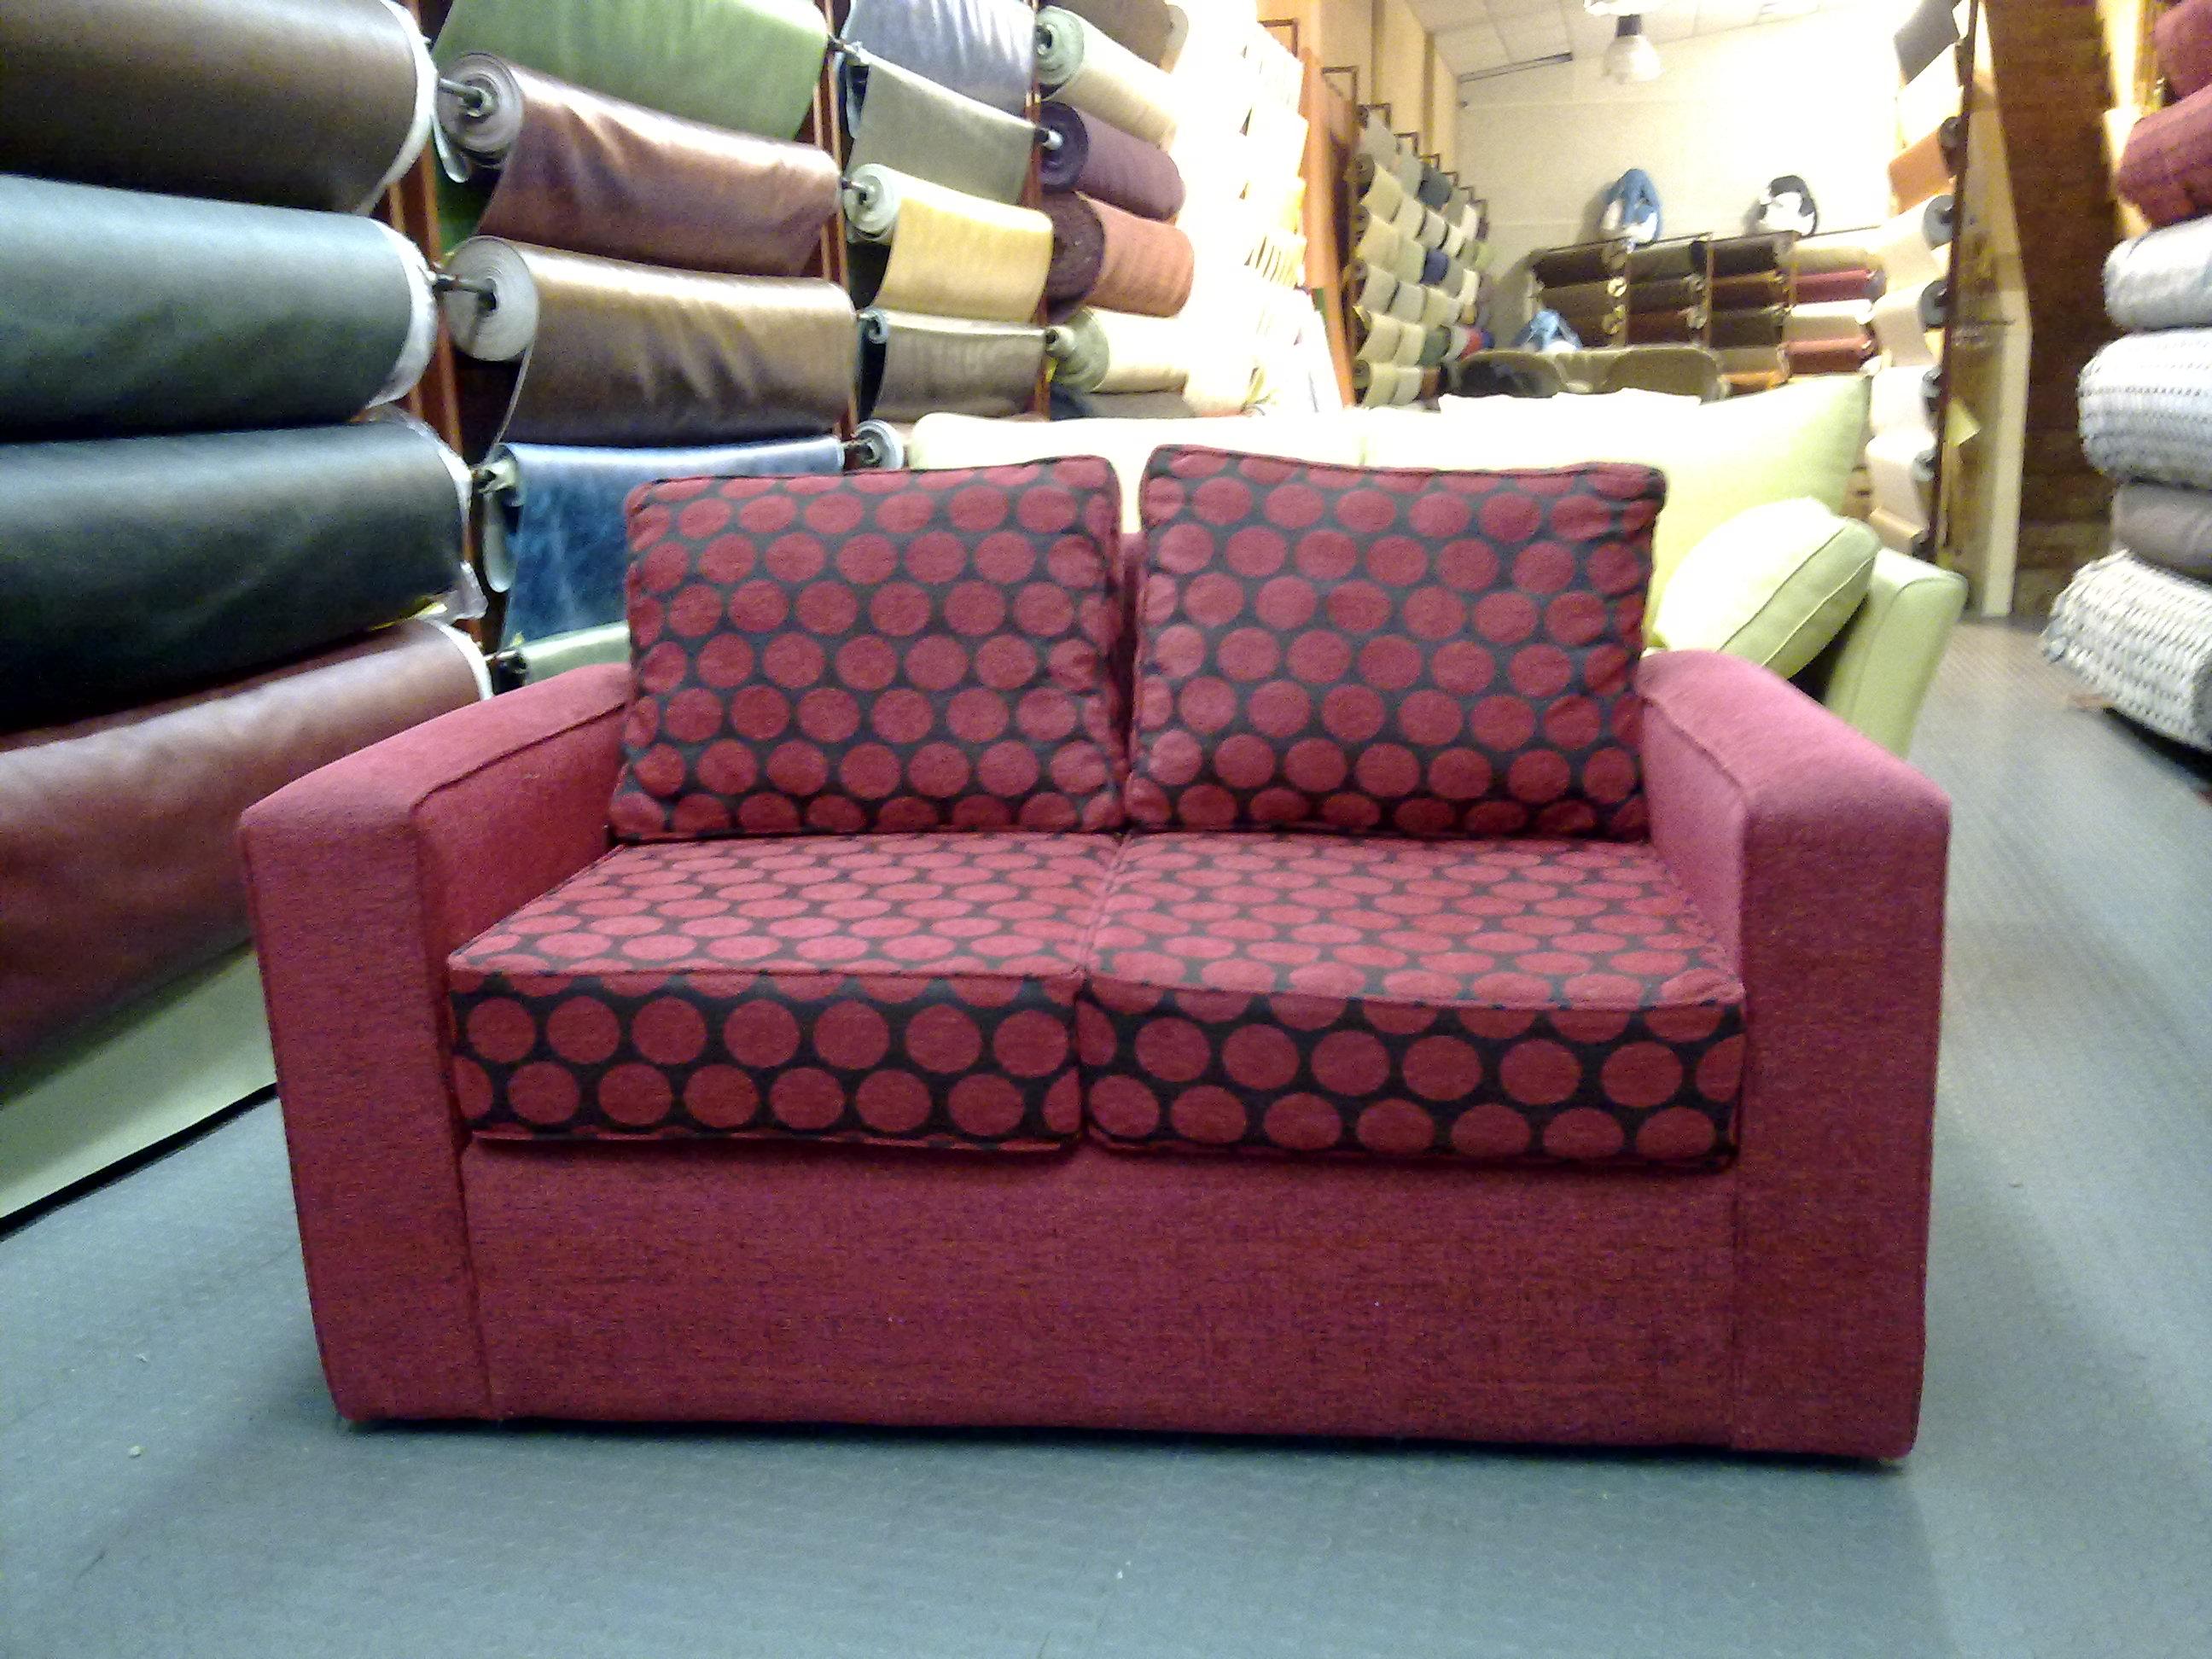 Mayorista de colchones y almohadas sillones sillones for Sillones de tela baratos